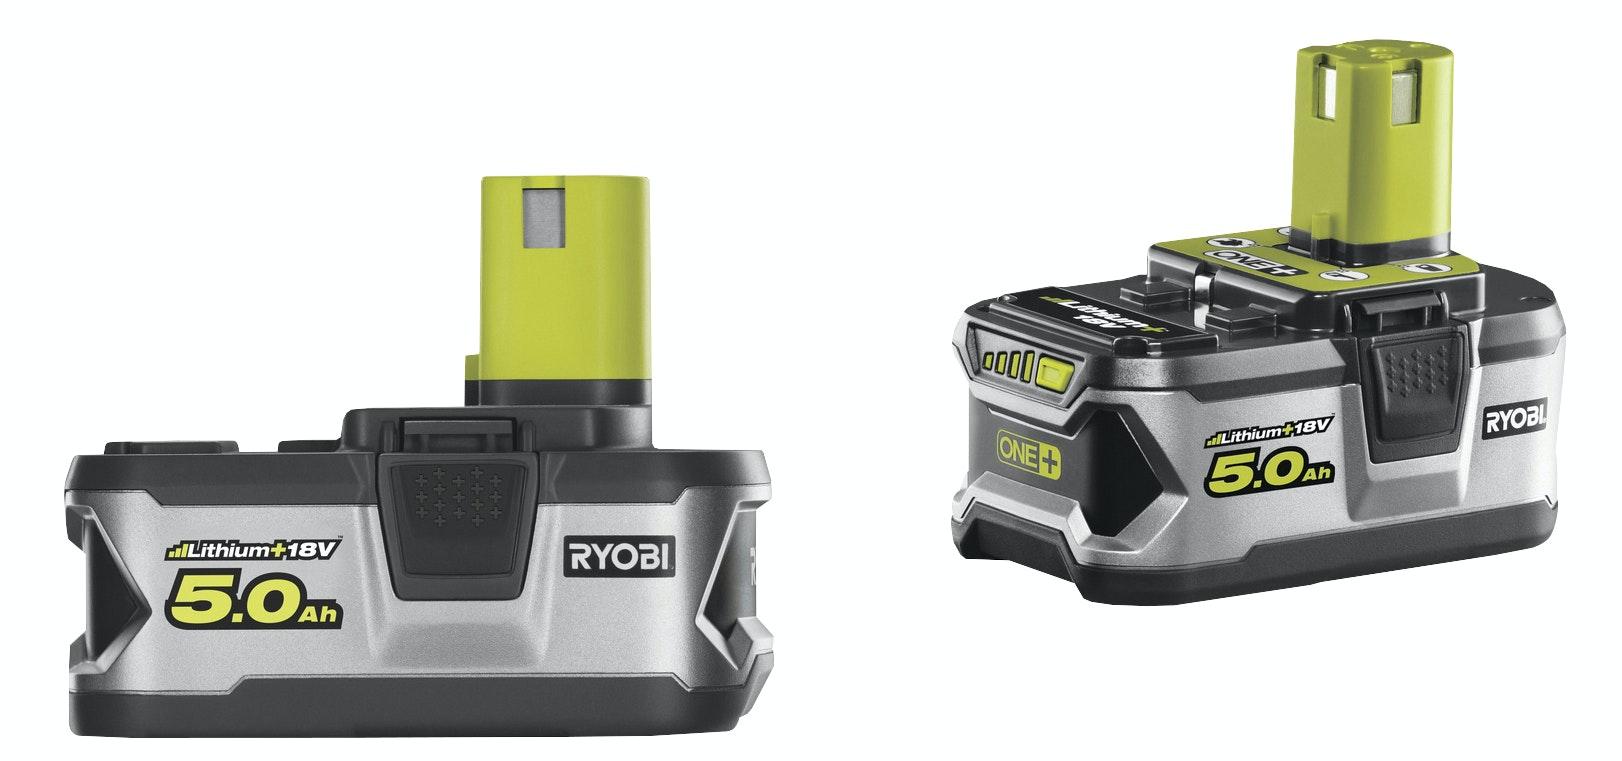 Batterier Ryobi RB18LL50 2x5,0AH 18v